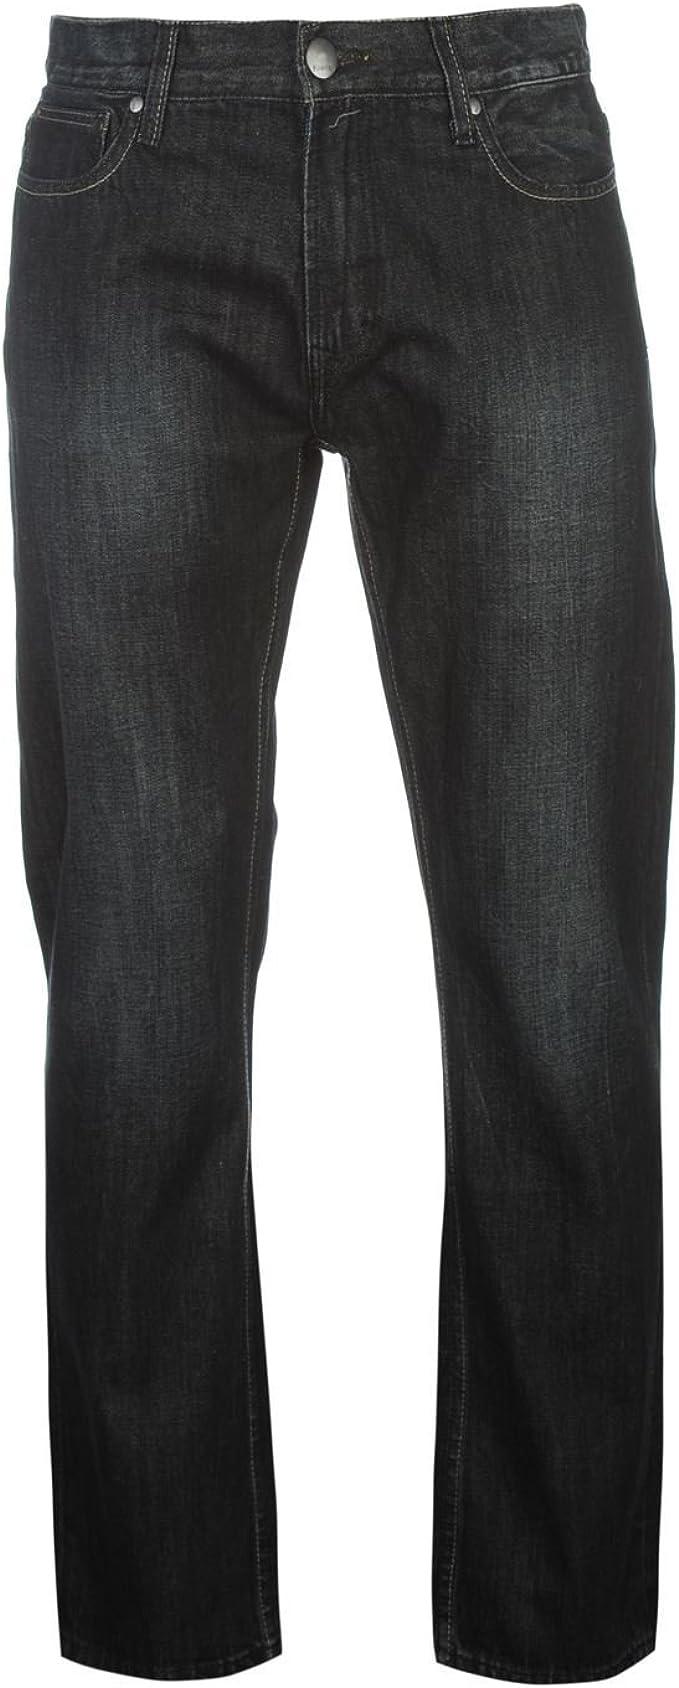 Firetrap Tokyo Jeans Denim Mens Gents